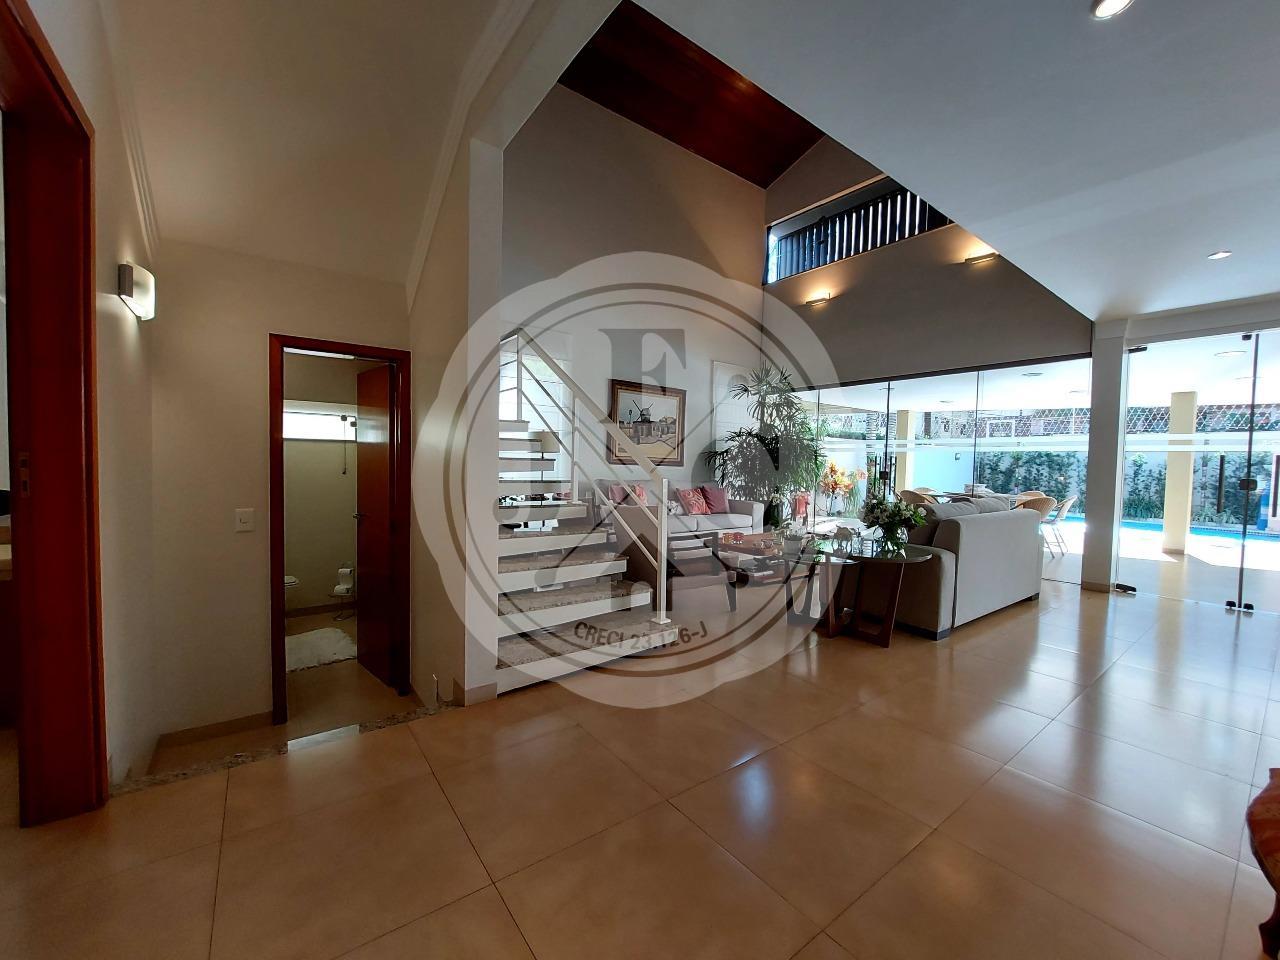 Casa em Condomínio à venda no Bosque das Juritis: Sala 2 Ambientes